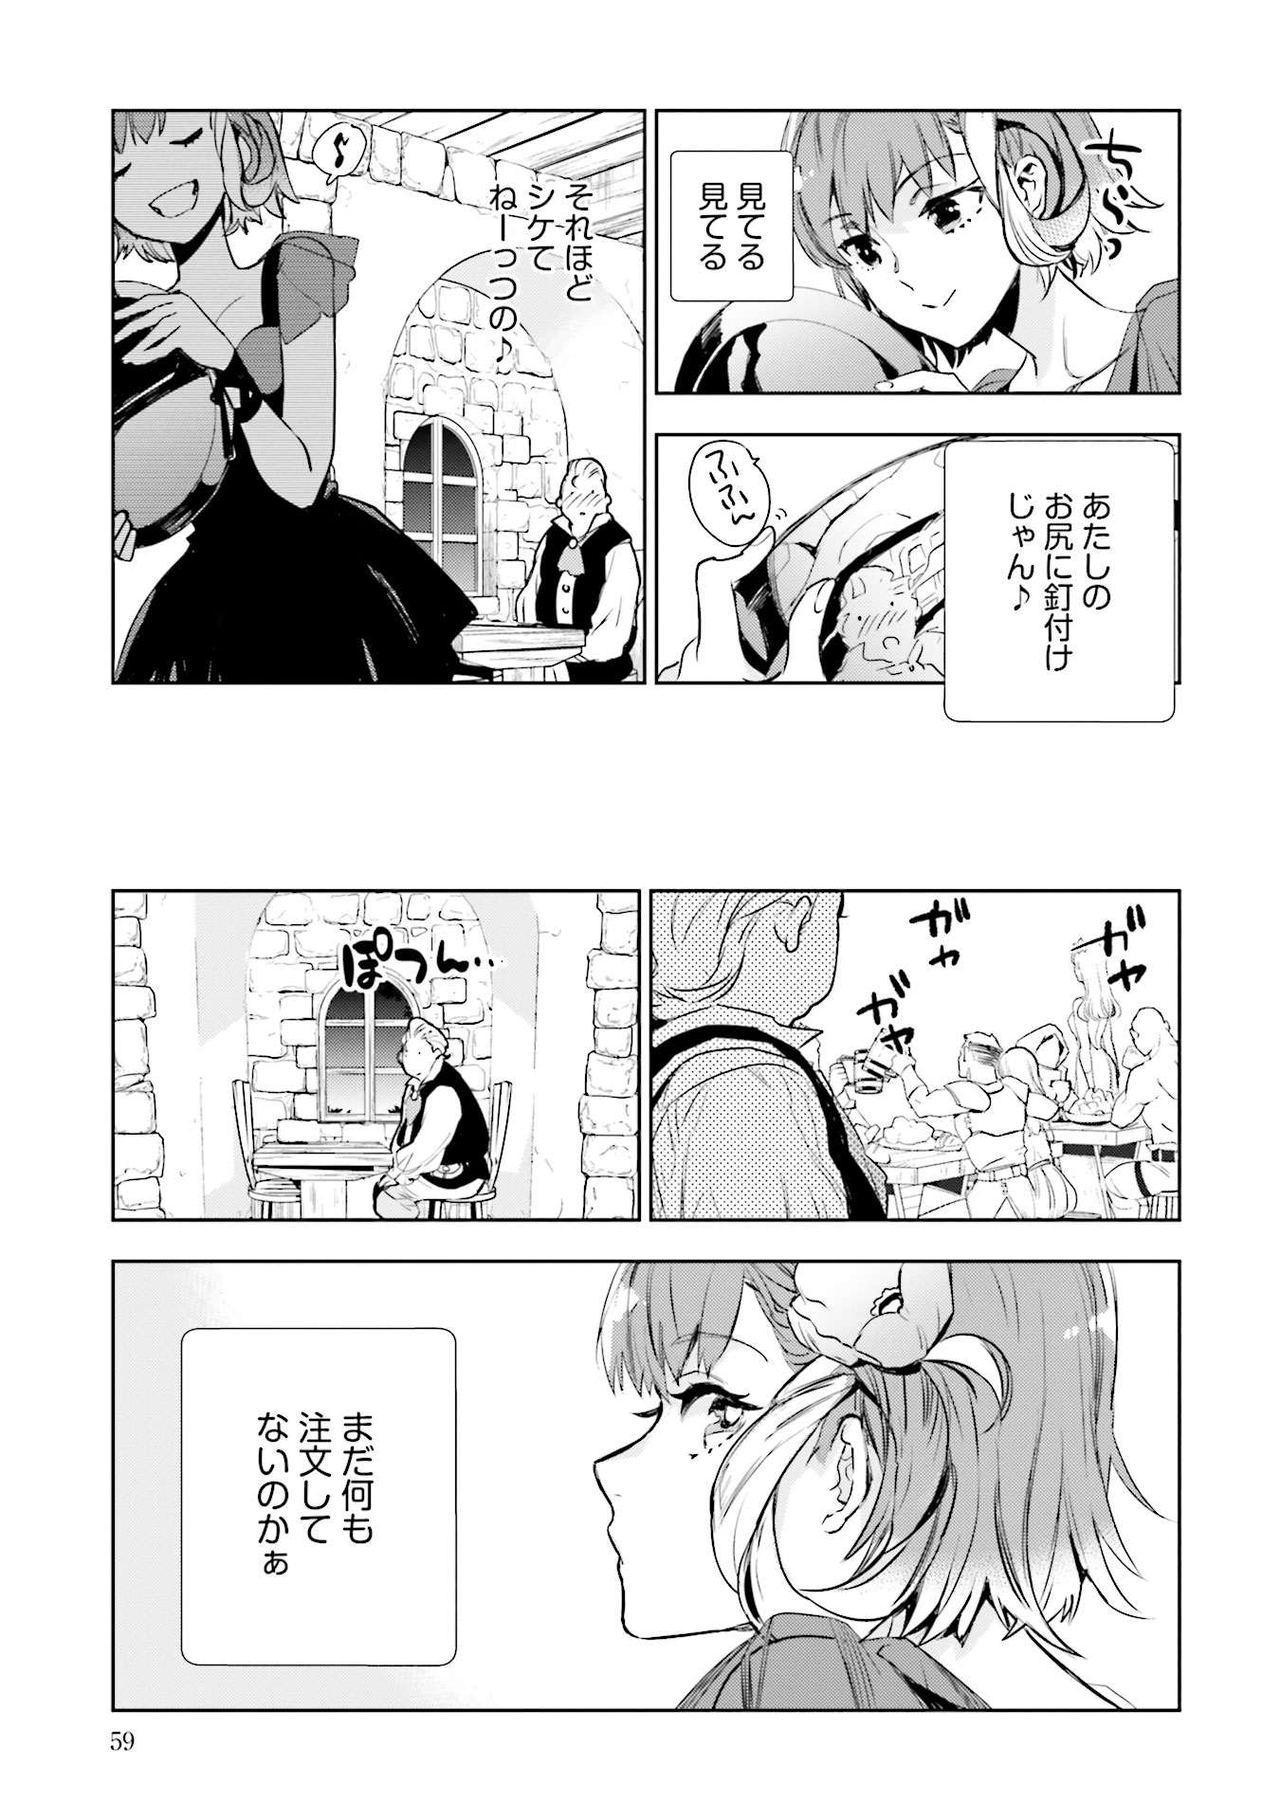 JK Haru wa Isekai de Shoufu ni Natta 1-14 60